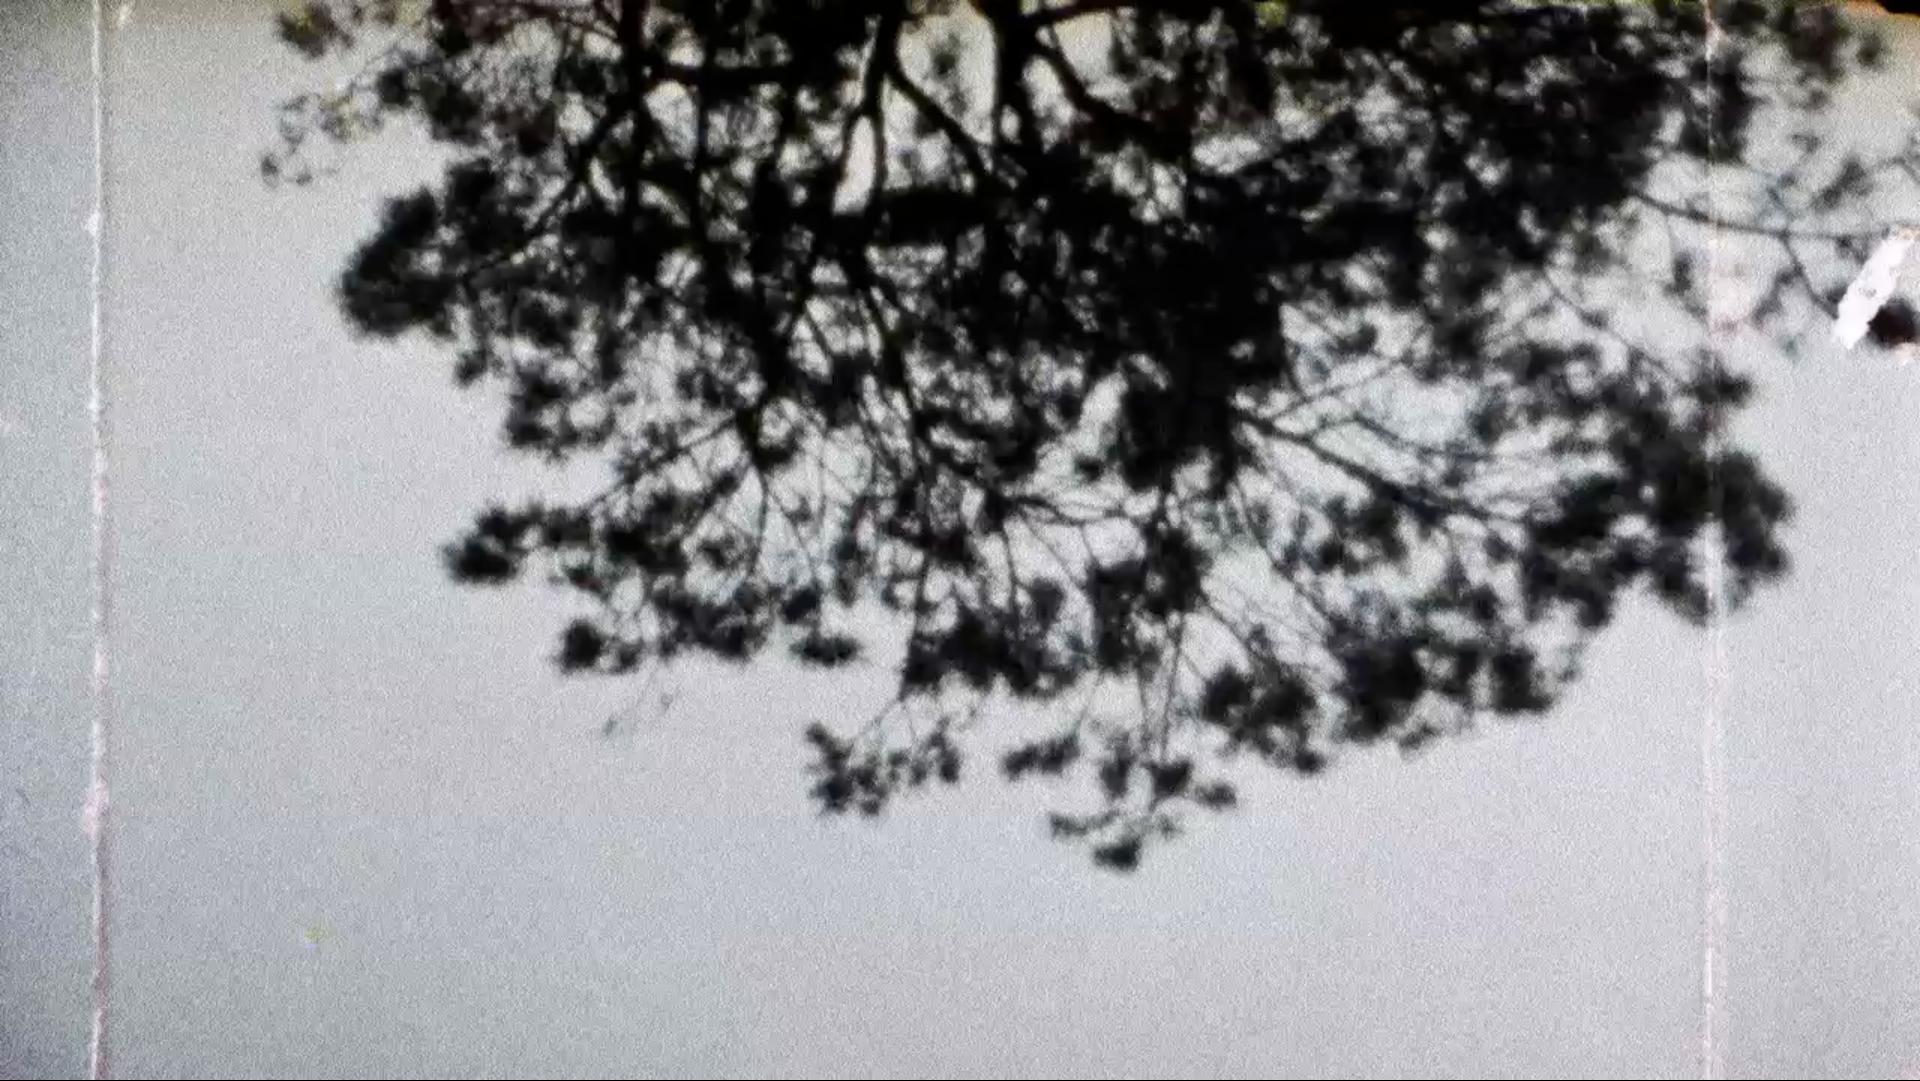 Screen Shot 2013-06-28 at 17.20.58.png